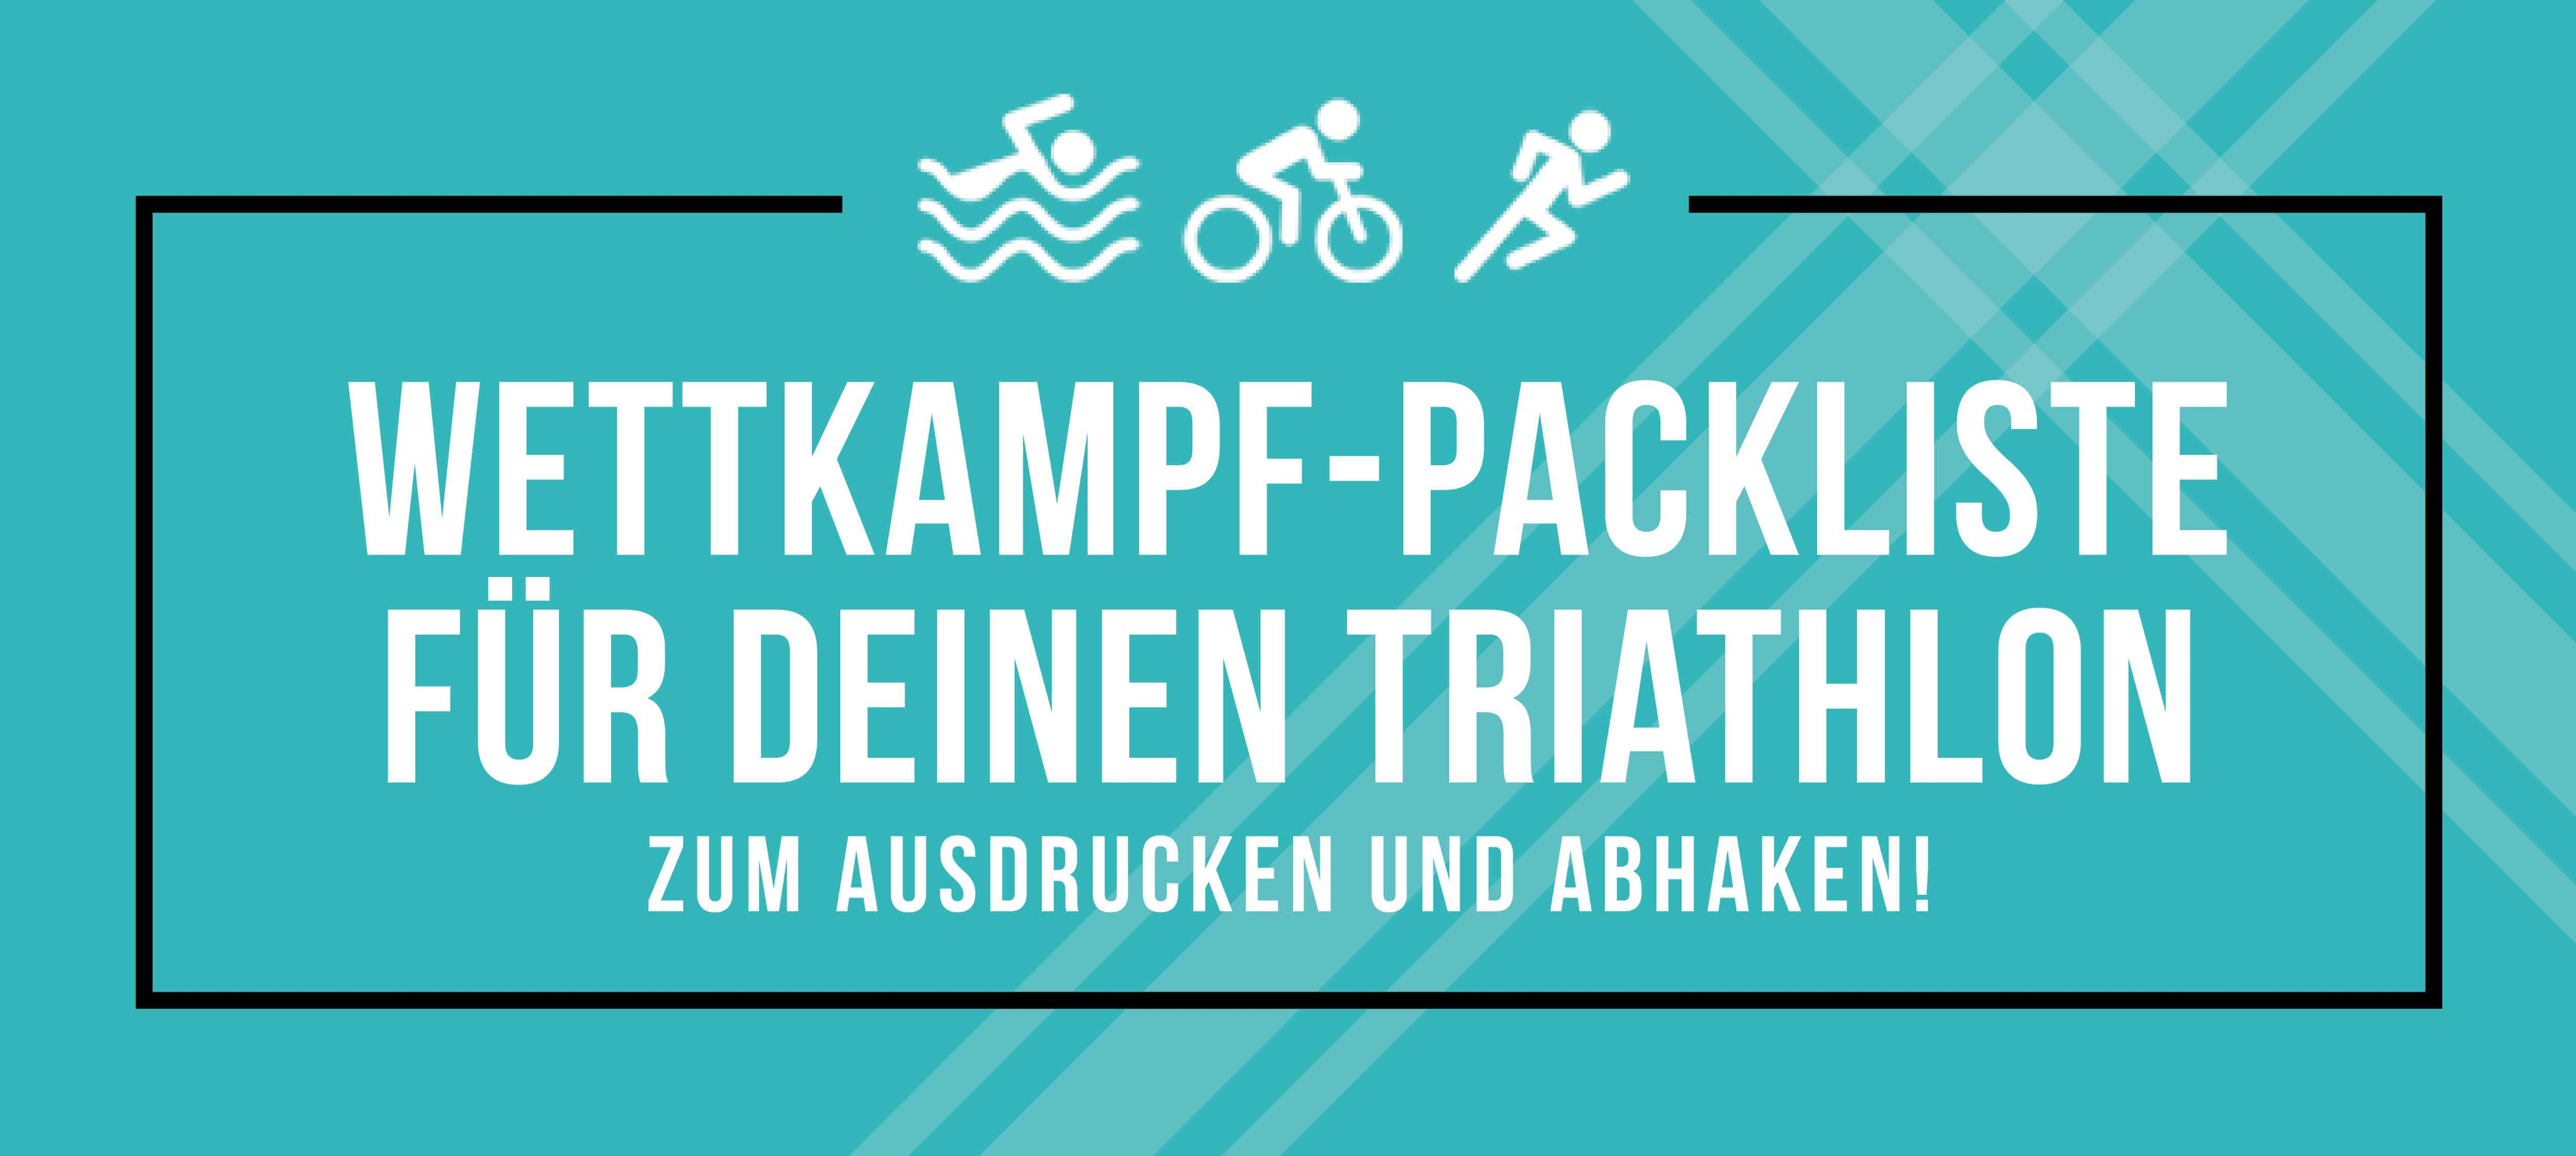 Checkliste zum Triathlon-Wettkampf